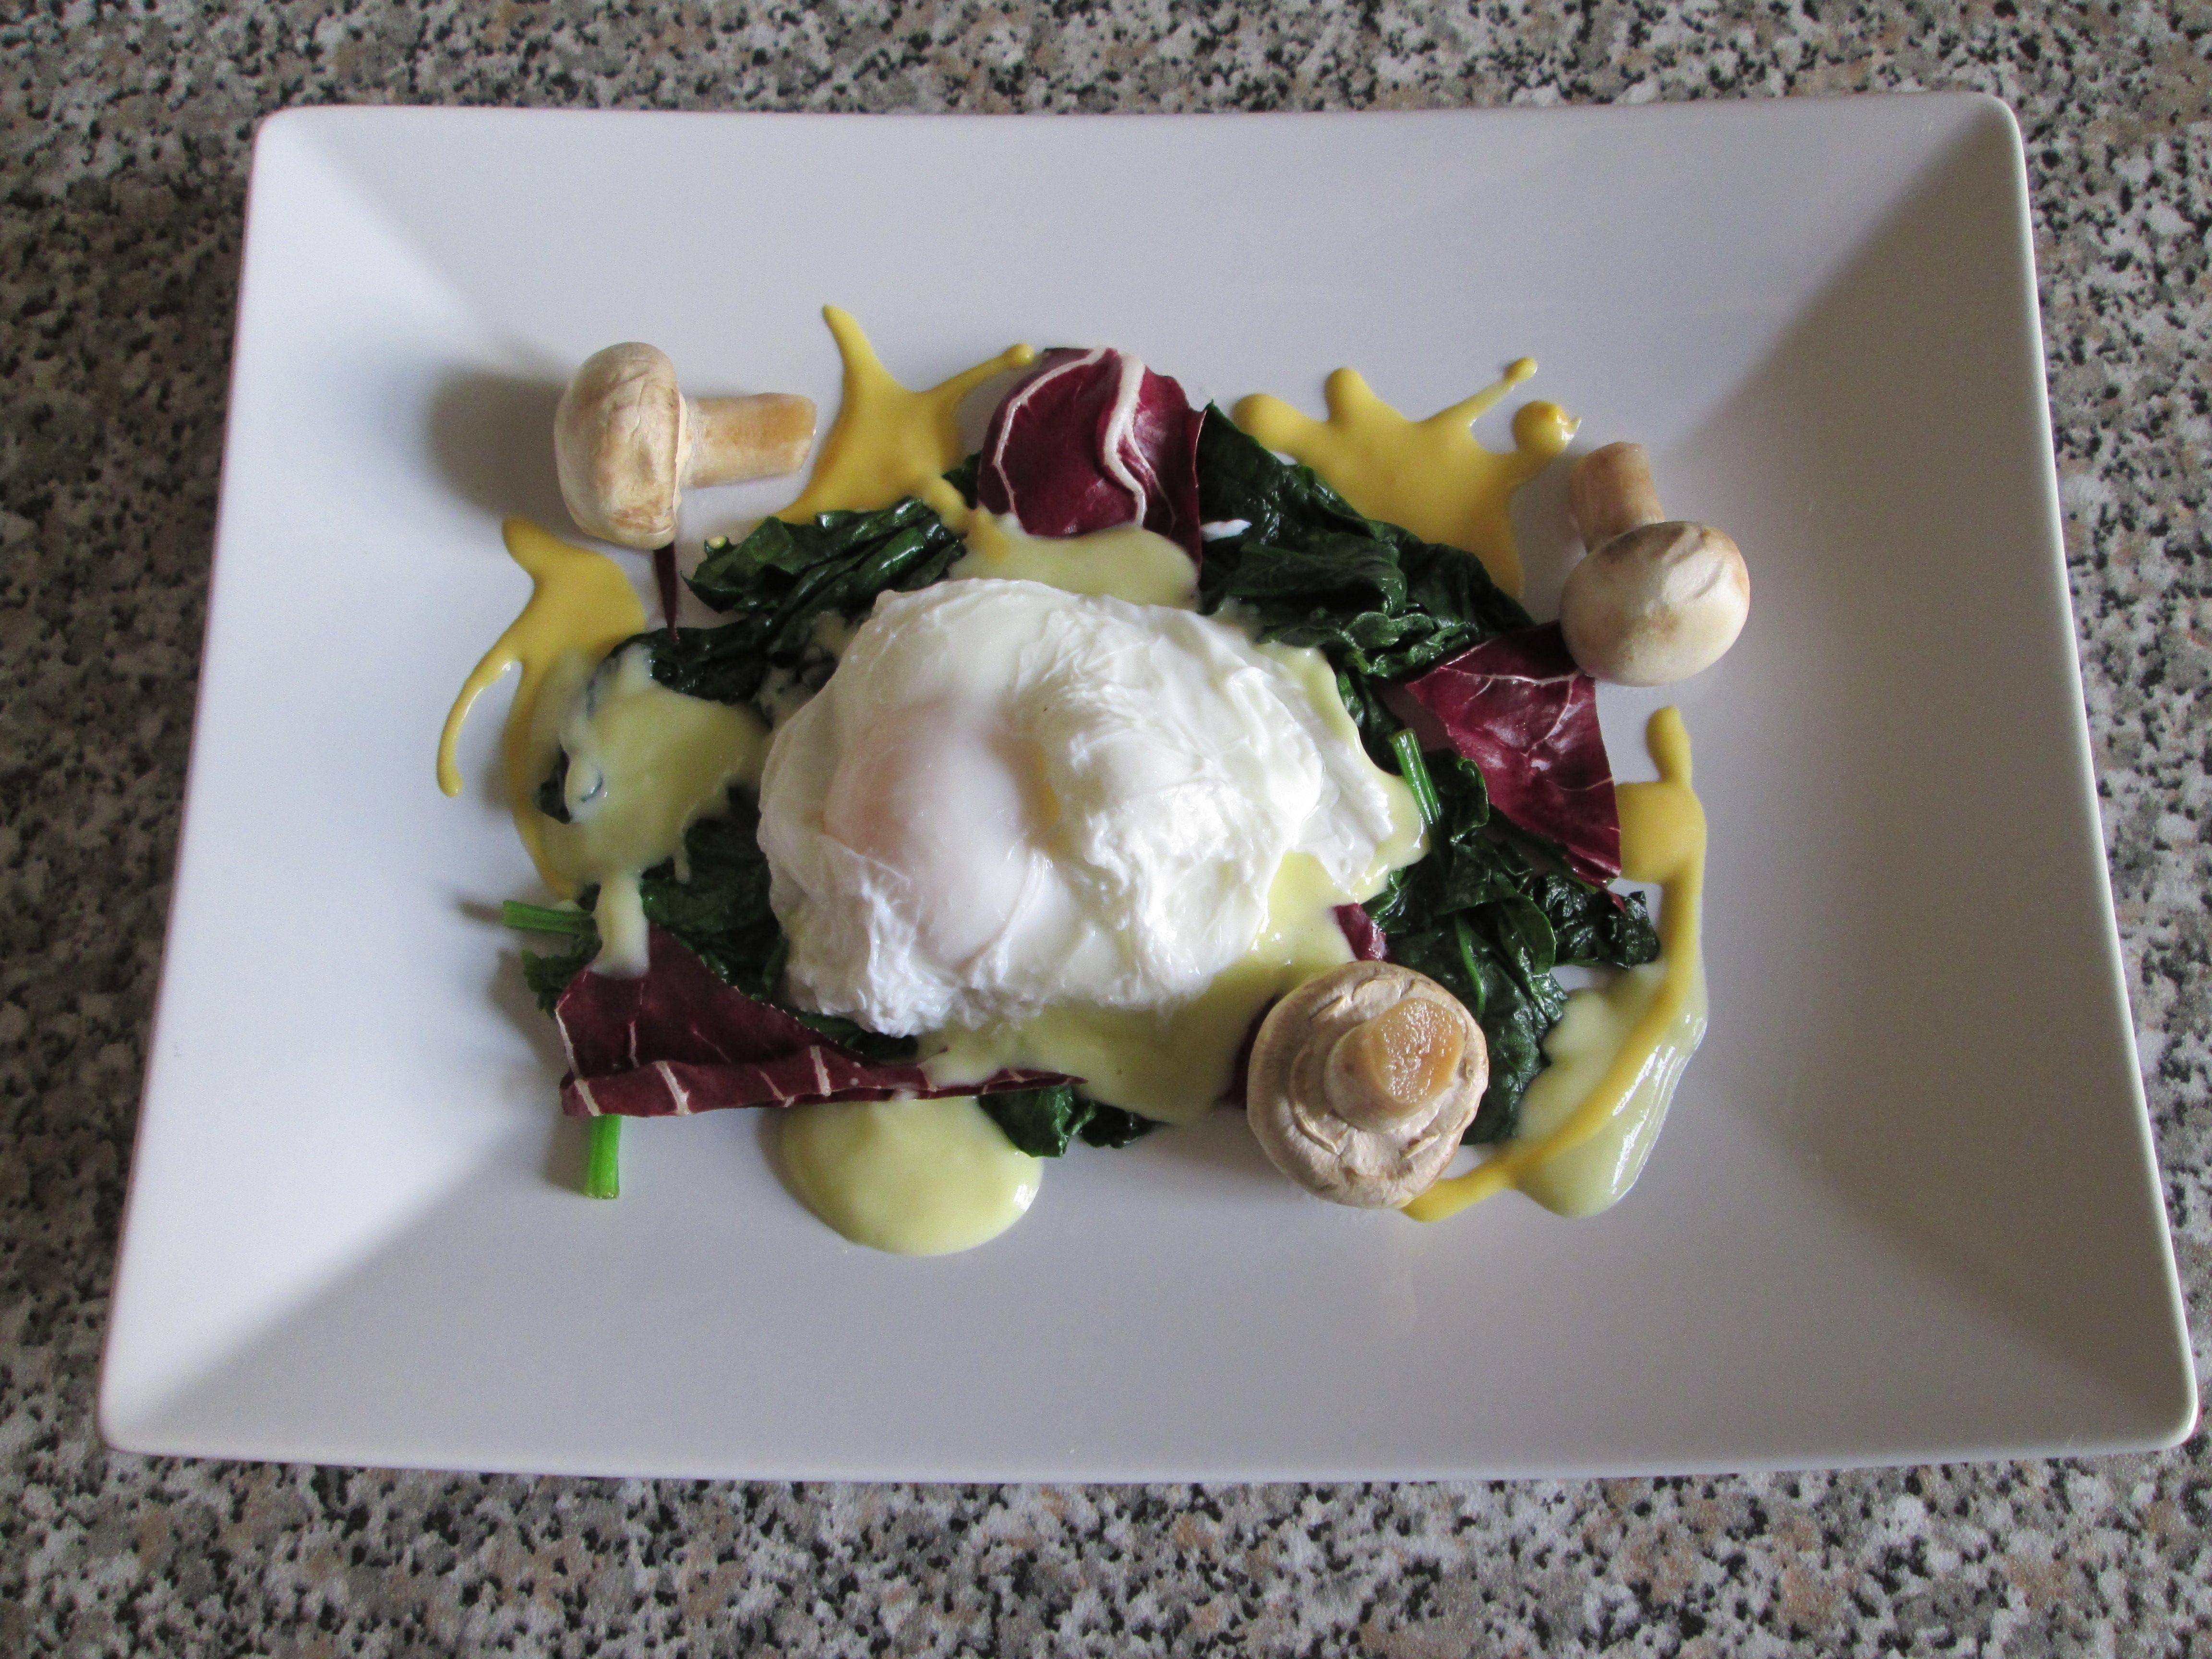 Œuf poché petite forêt de légumes et de sauce berneaise Gino D'Aquino